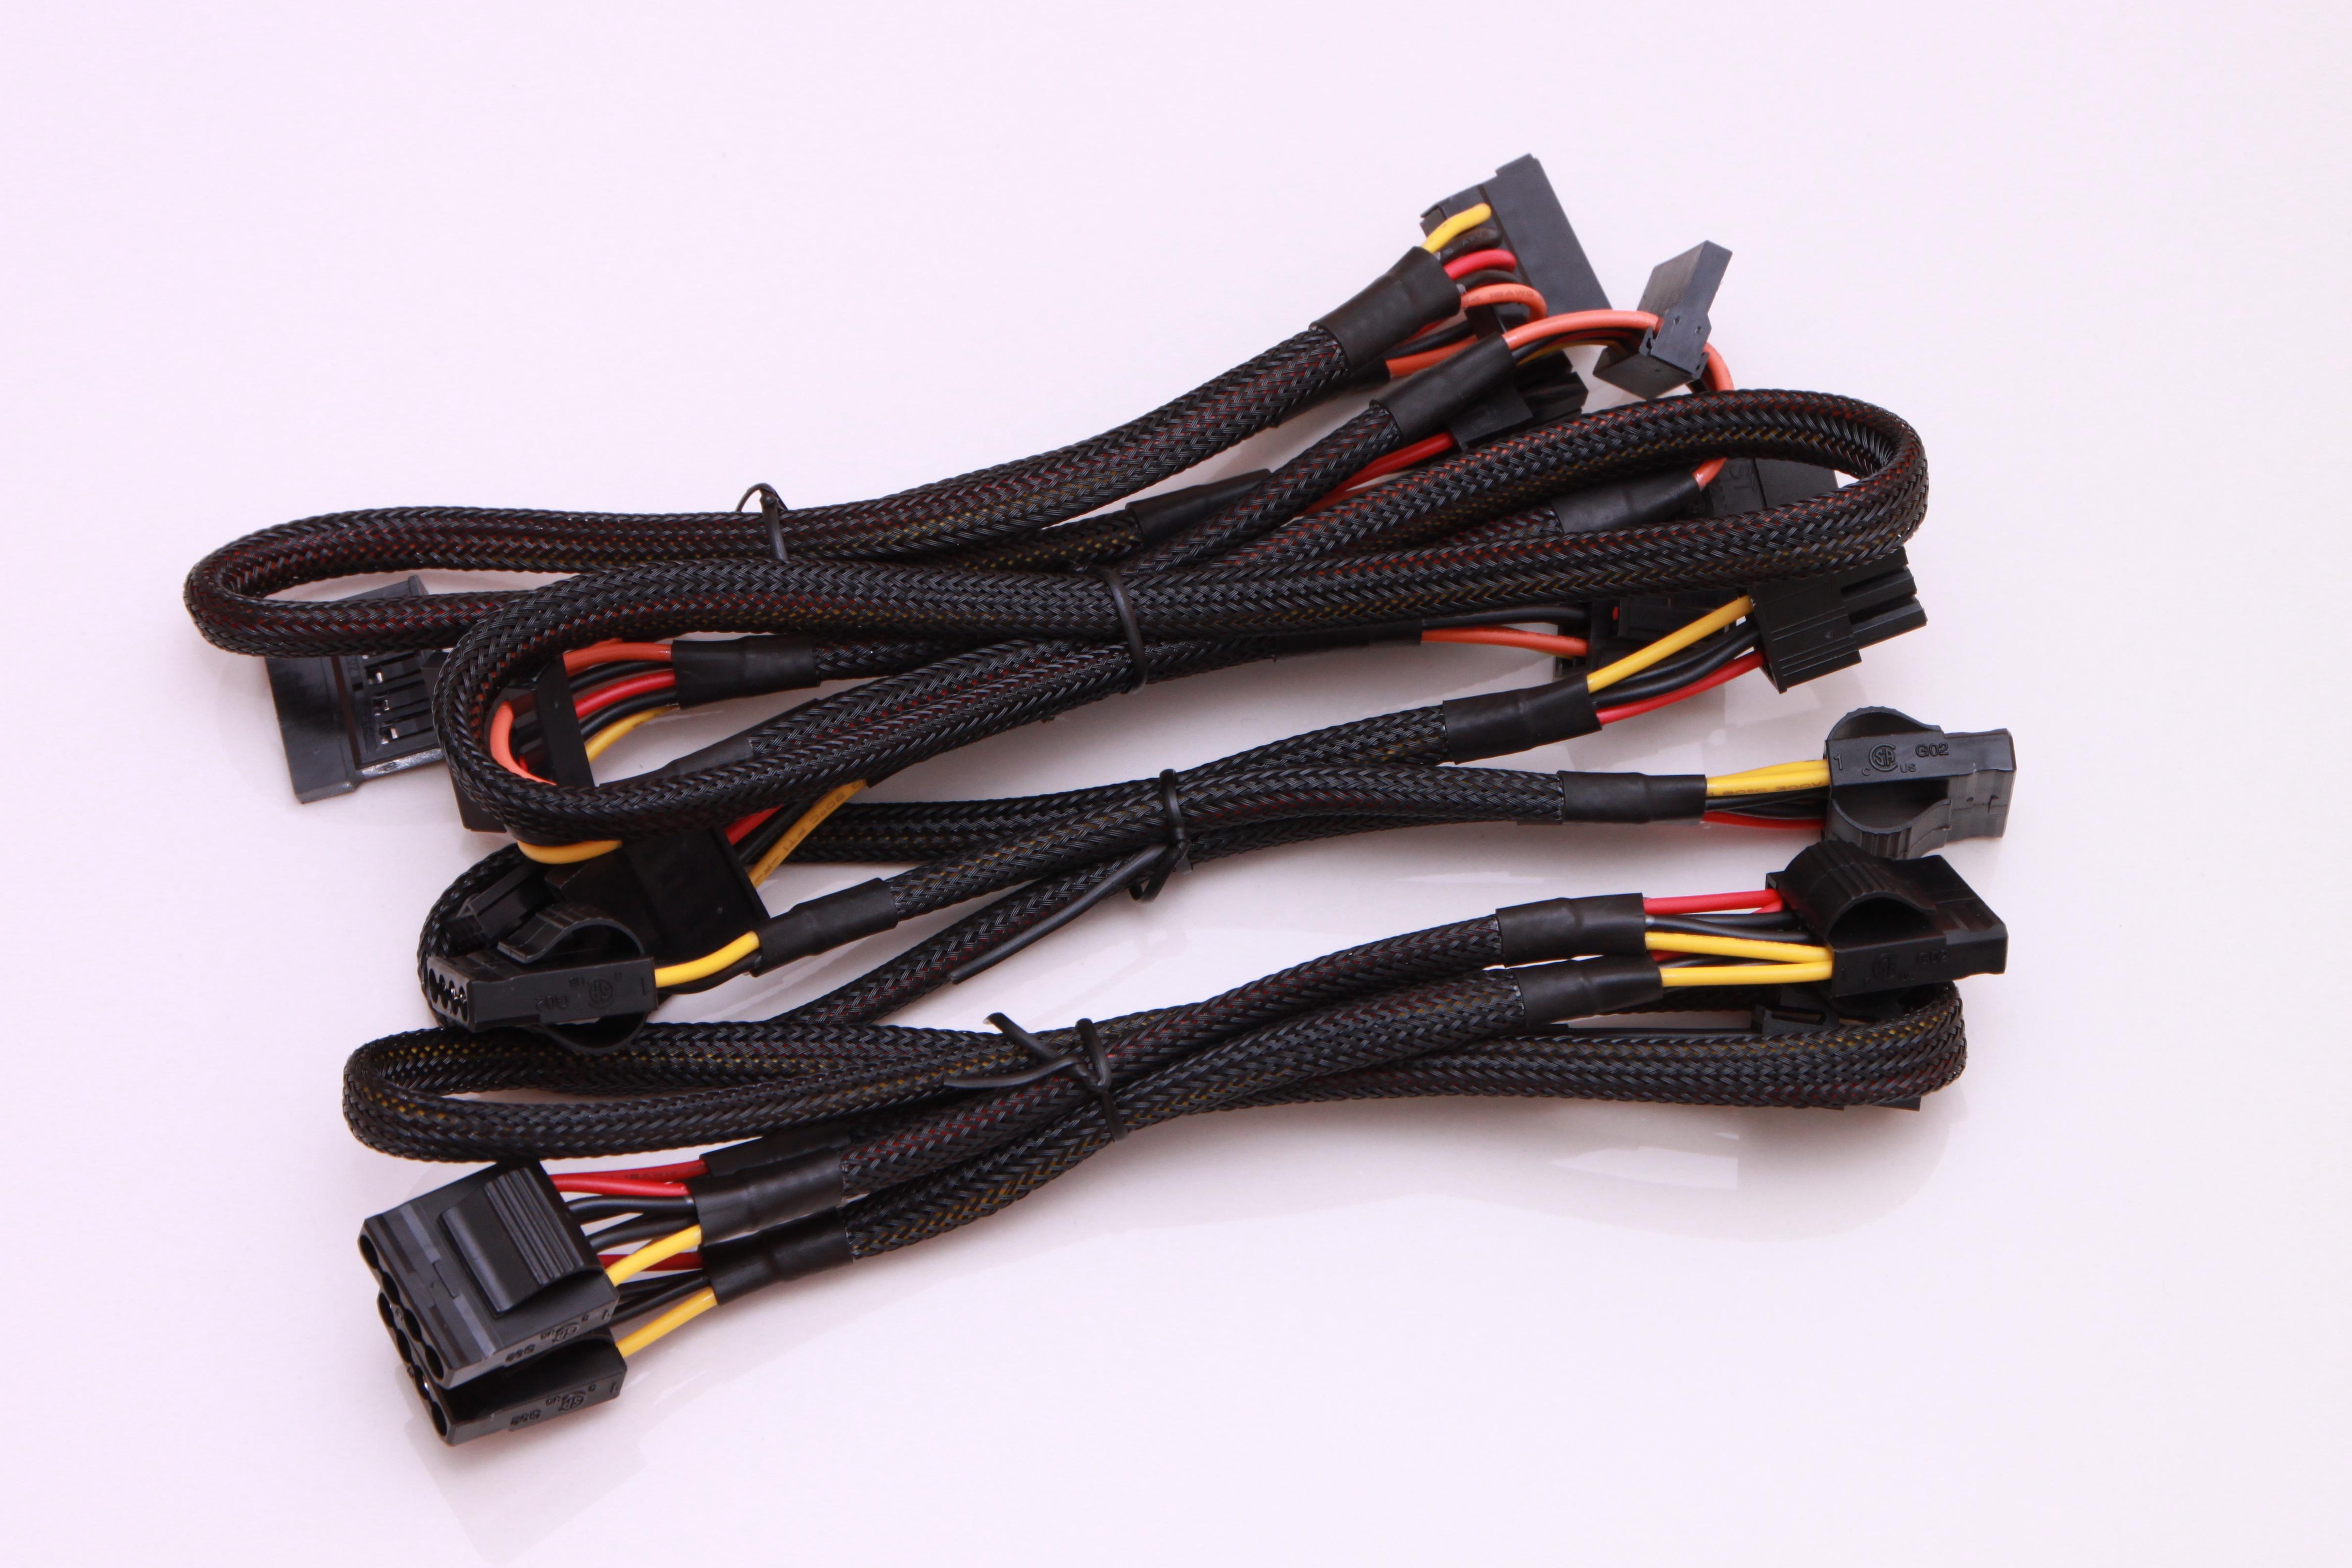 Kostenlose foto : Hand, Technologie, Kabel, Zügel, schwarz, Leistung ...